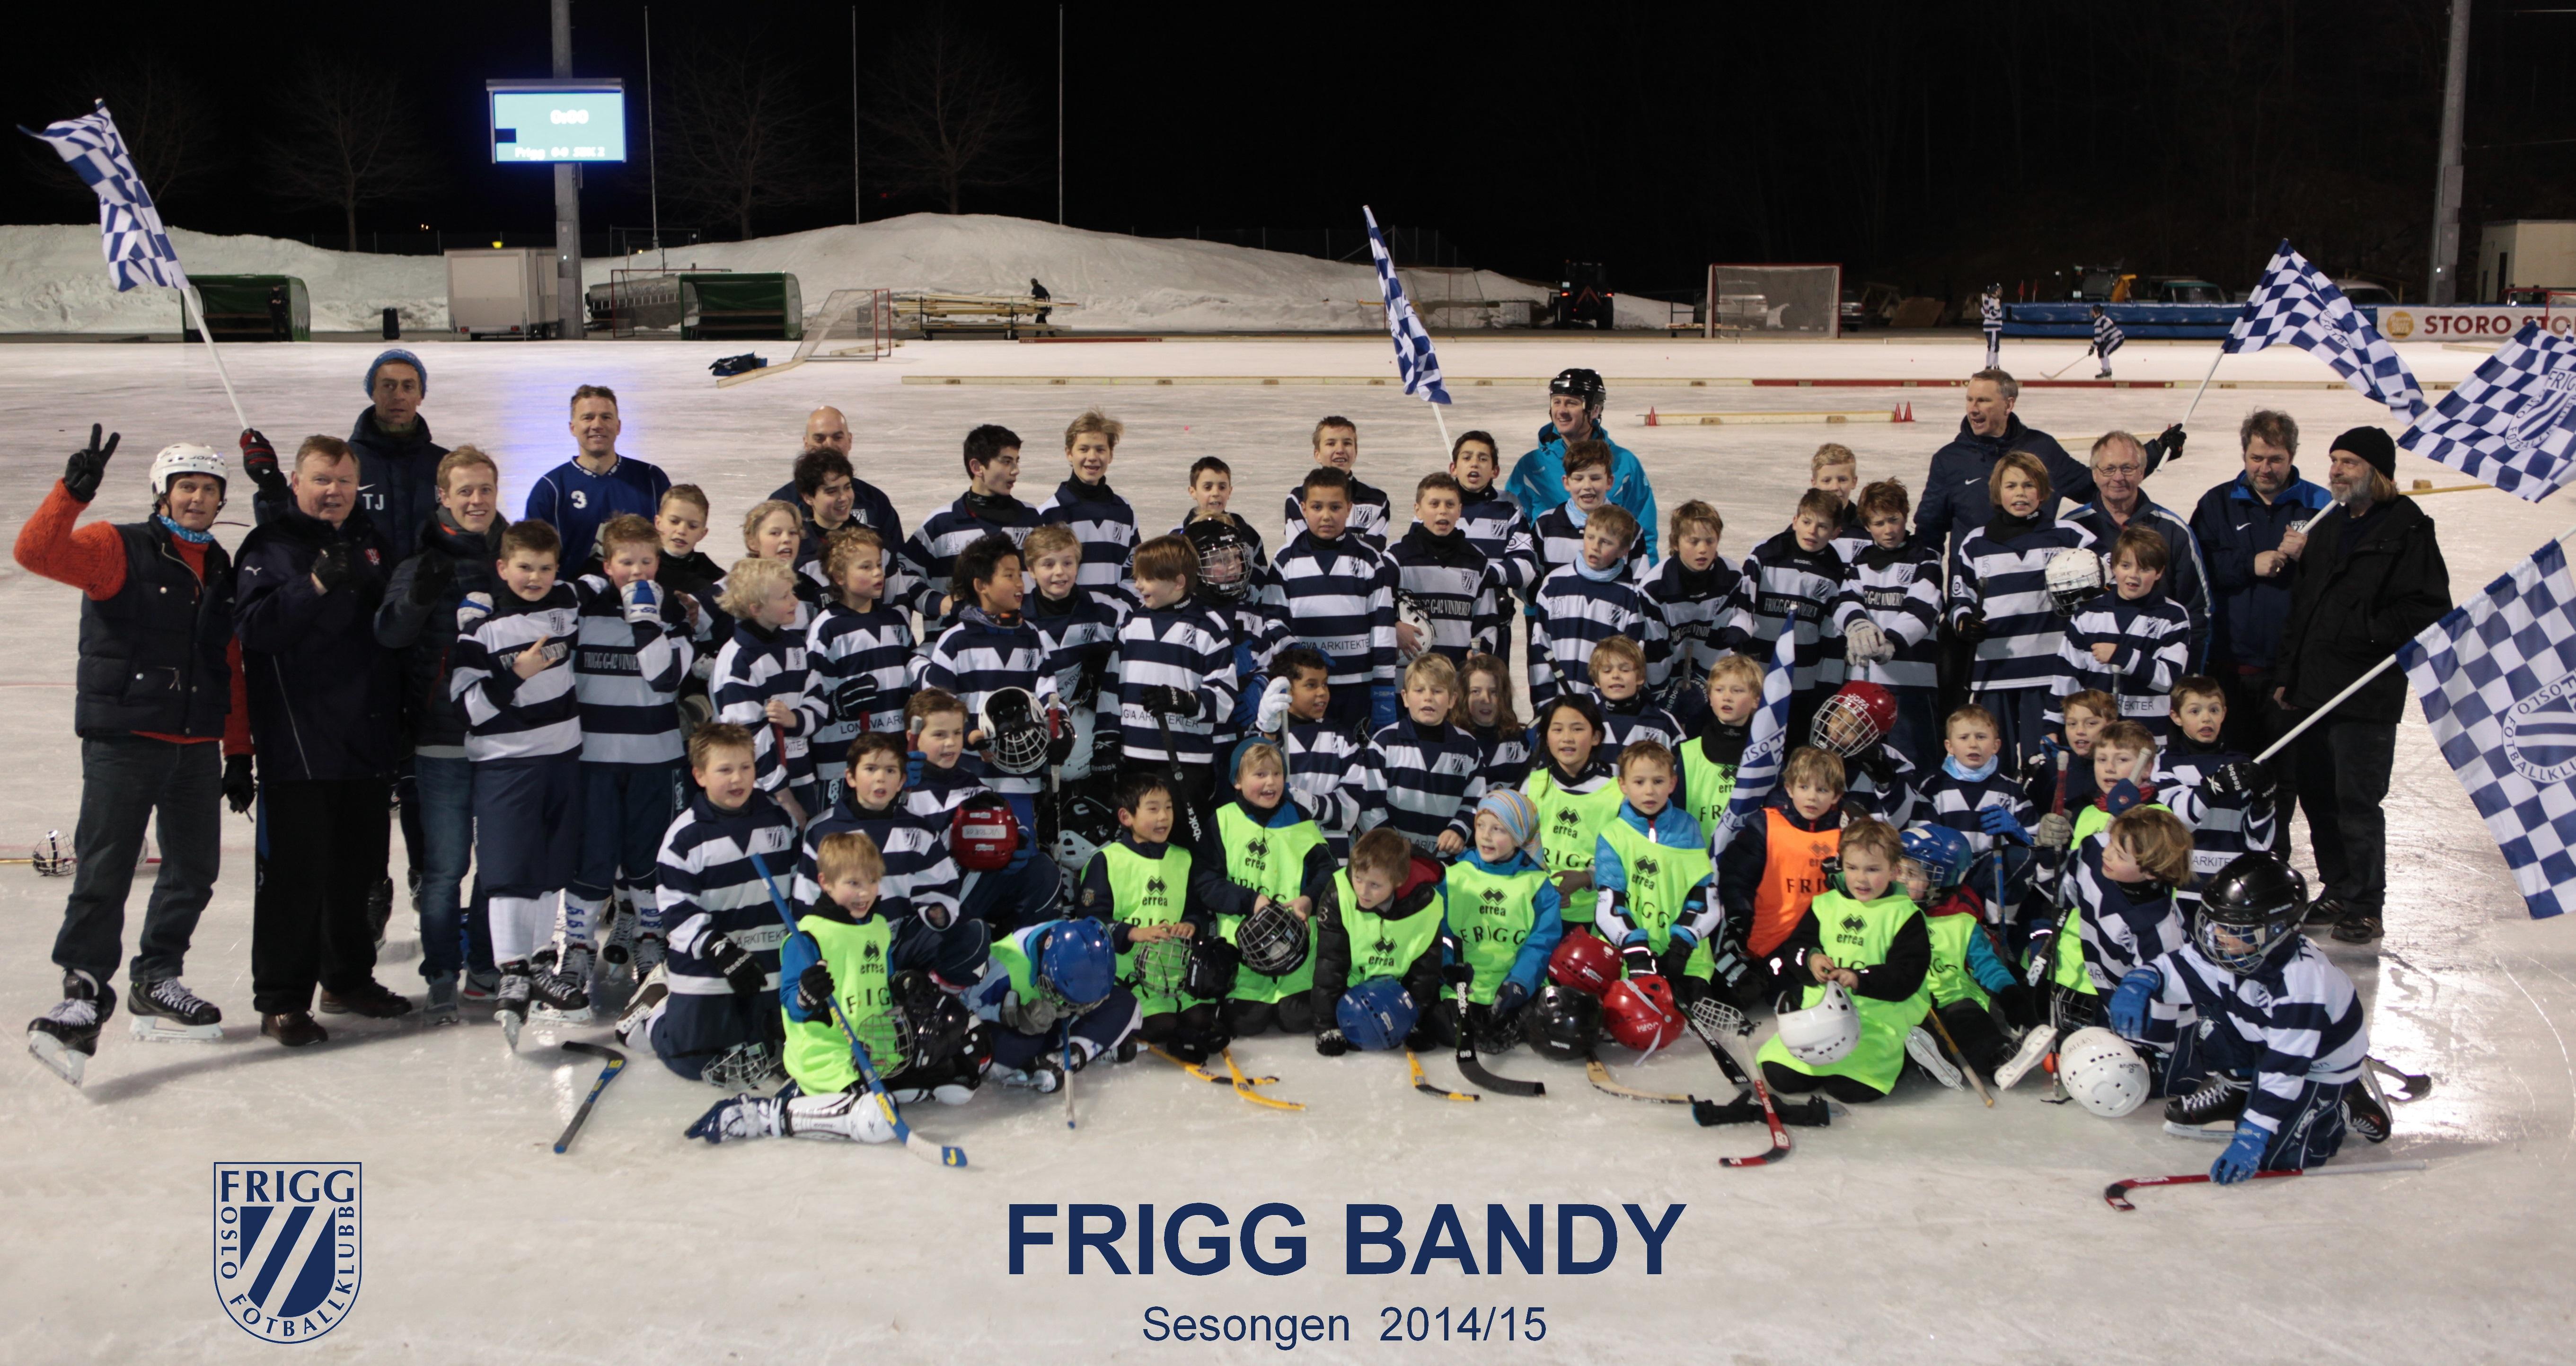 Frigg-bandy-samlebilde-2014-2015-cut1-2